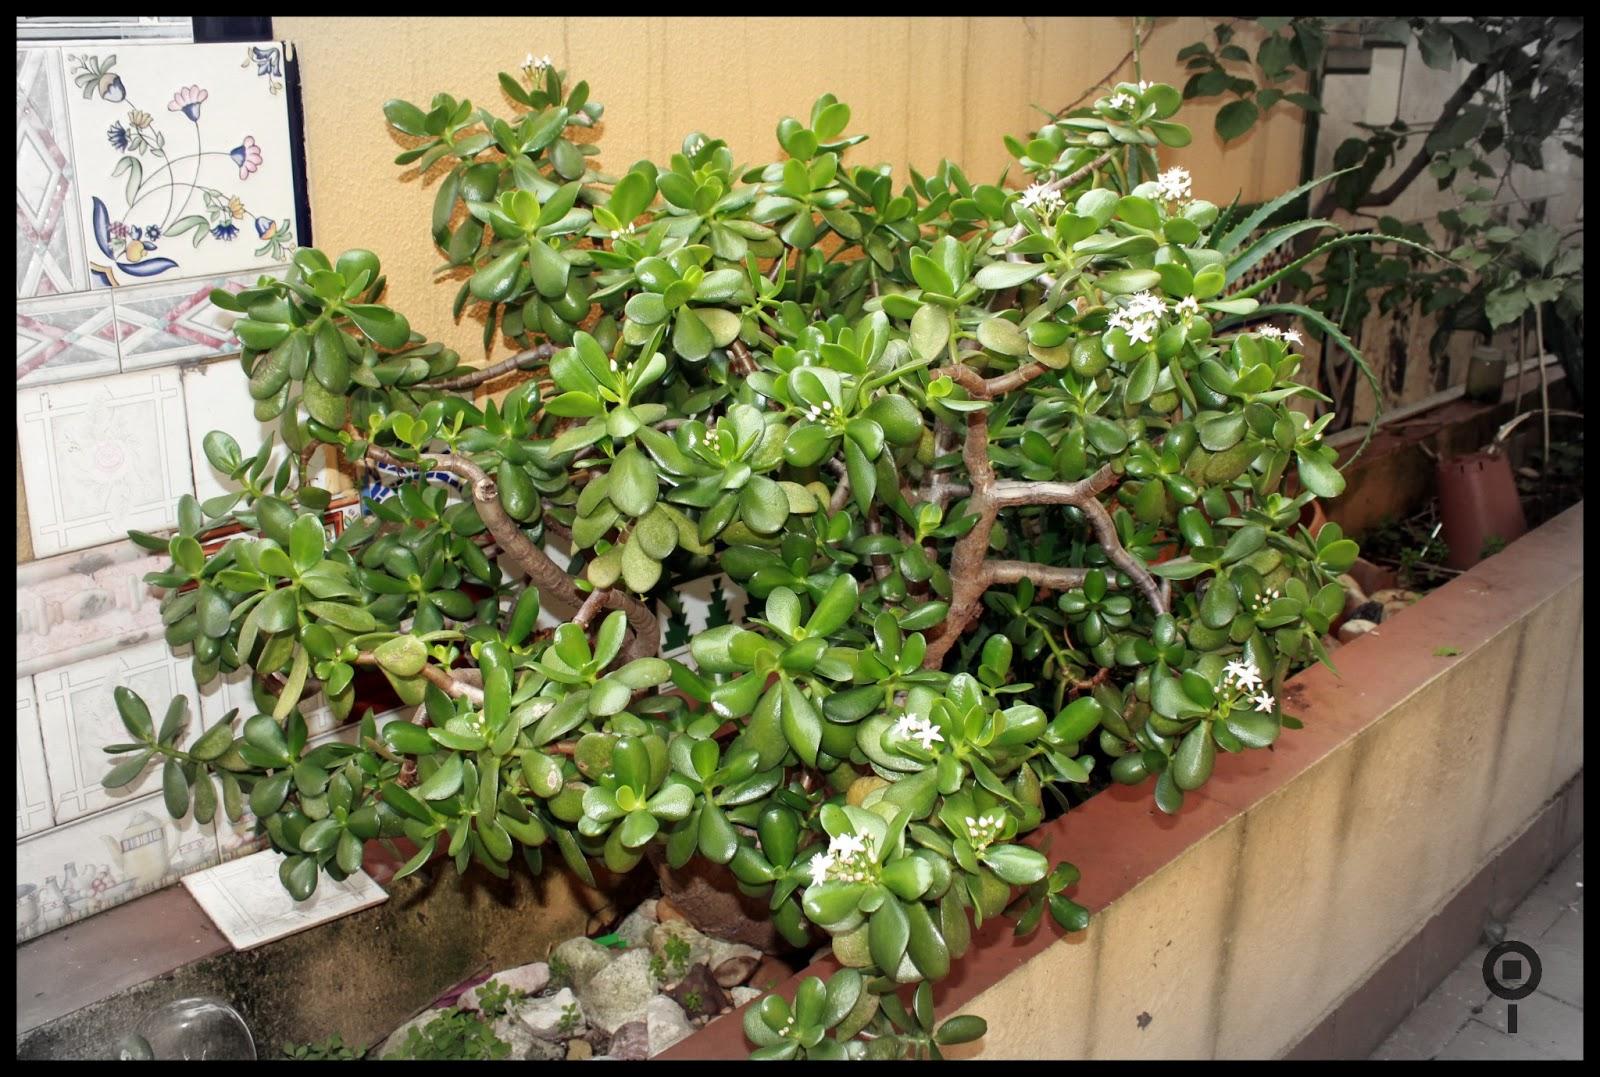 El patio de mi casa plantas de invierno en mi patio - Plantas de invierno ...